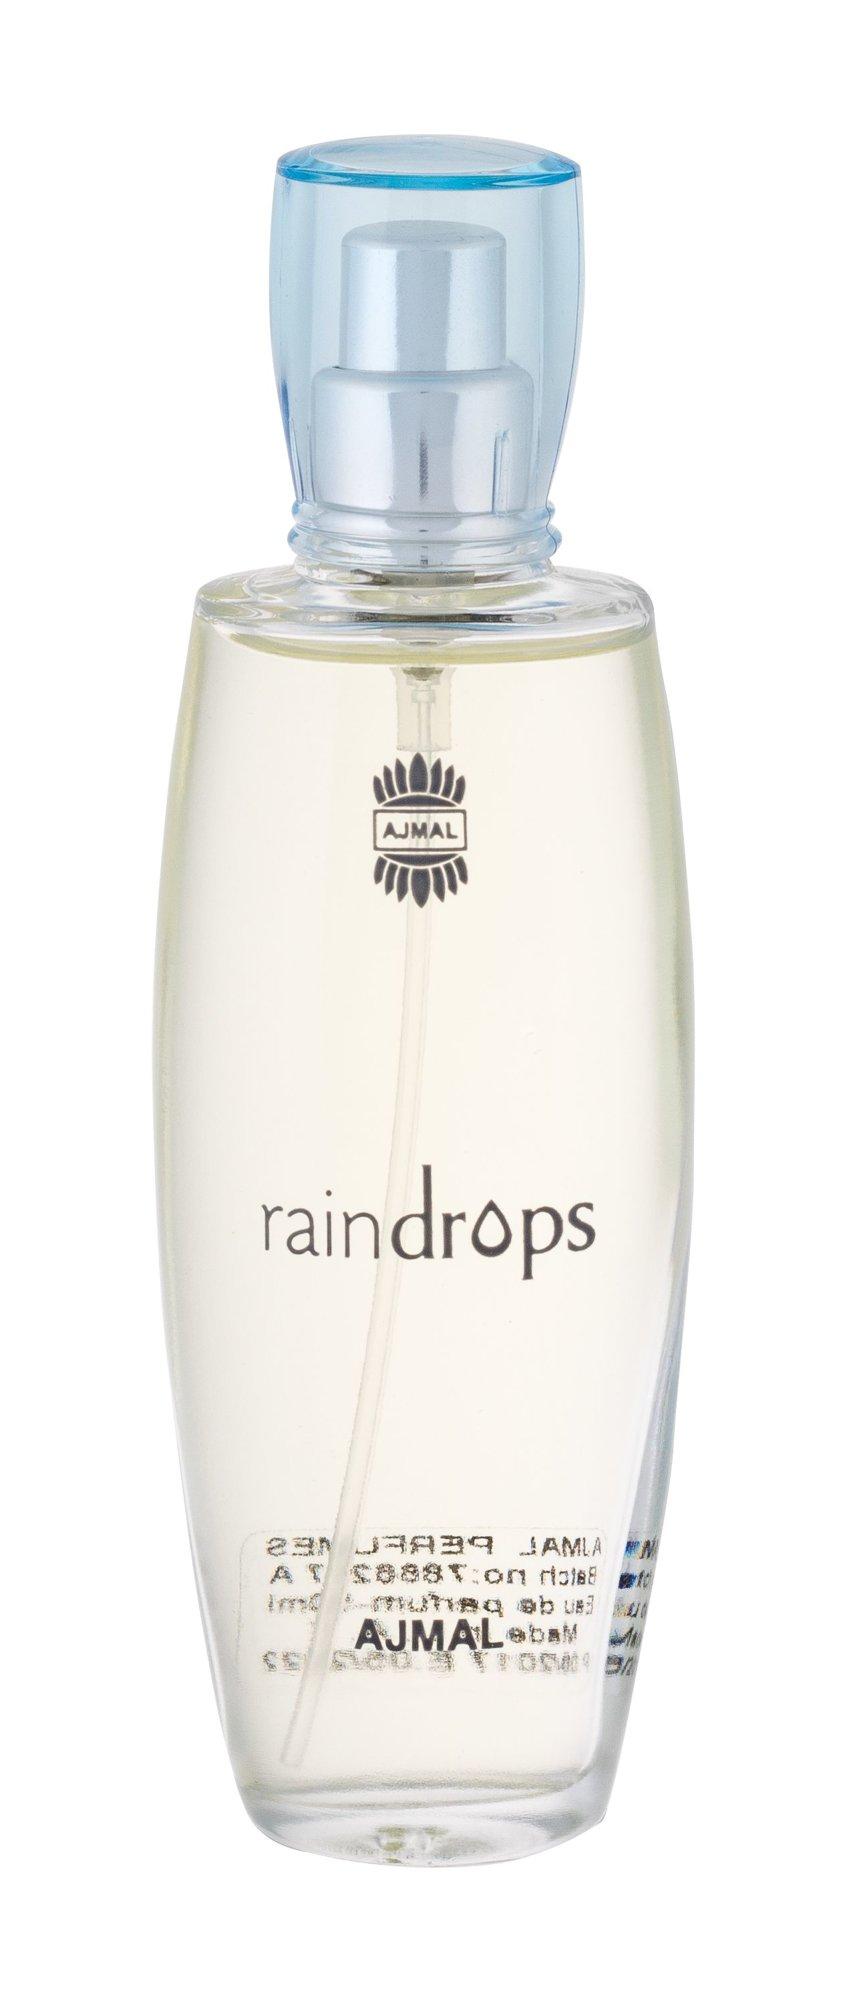 Ajmal Raindrops Eau de Parfum 50ml